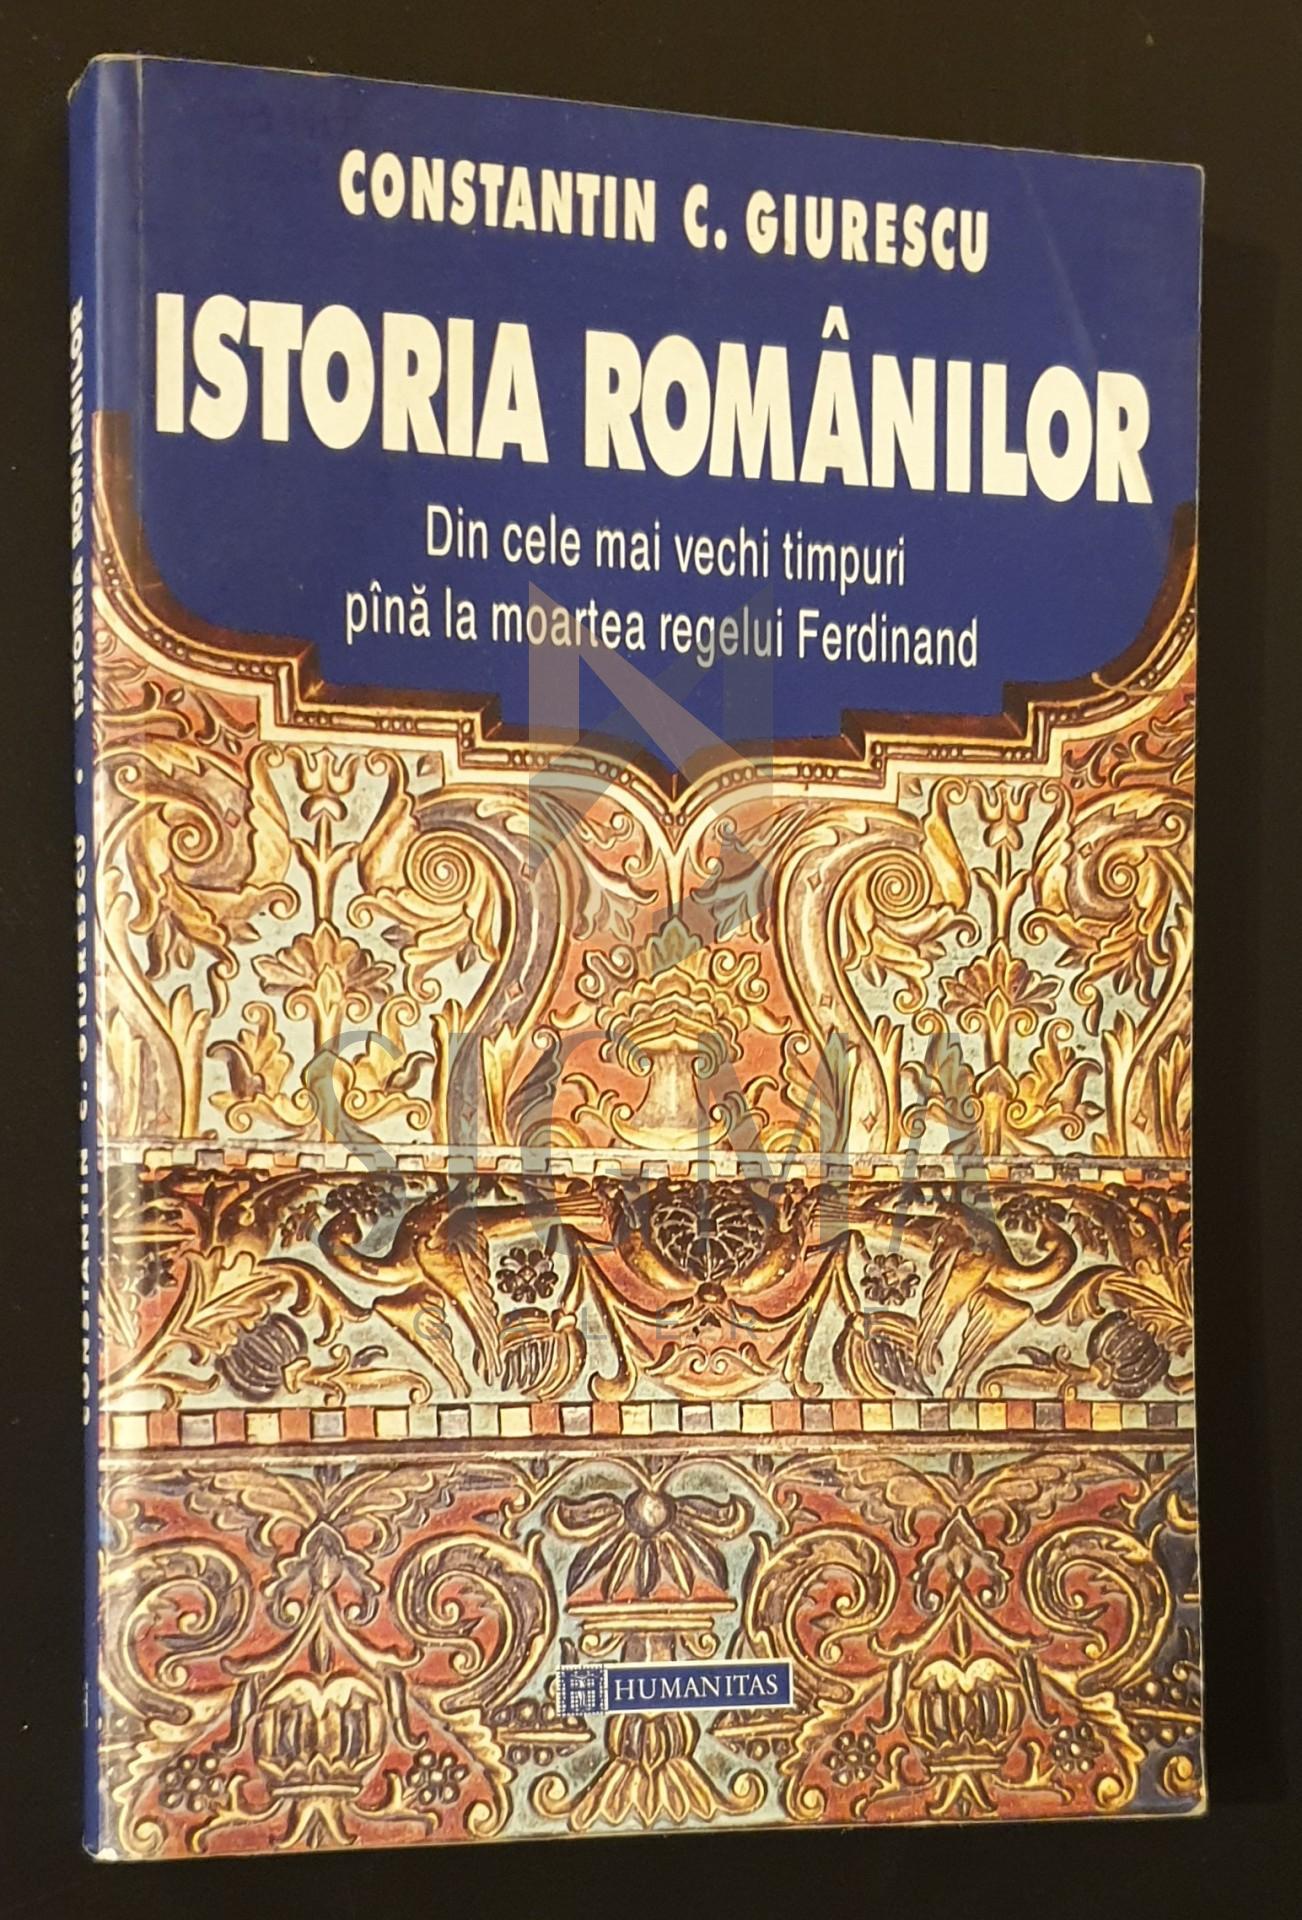 Istoria Romanilor  *  Din cele mai vechi timpuri pana la moartea regelui Ferdinand